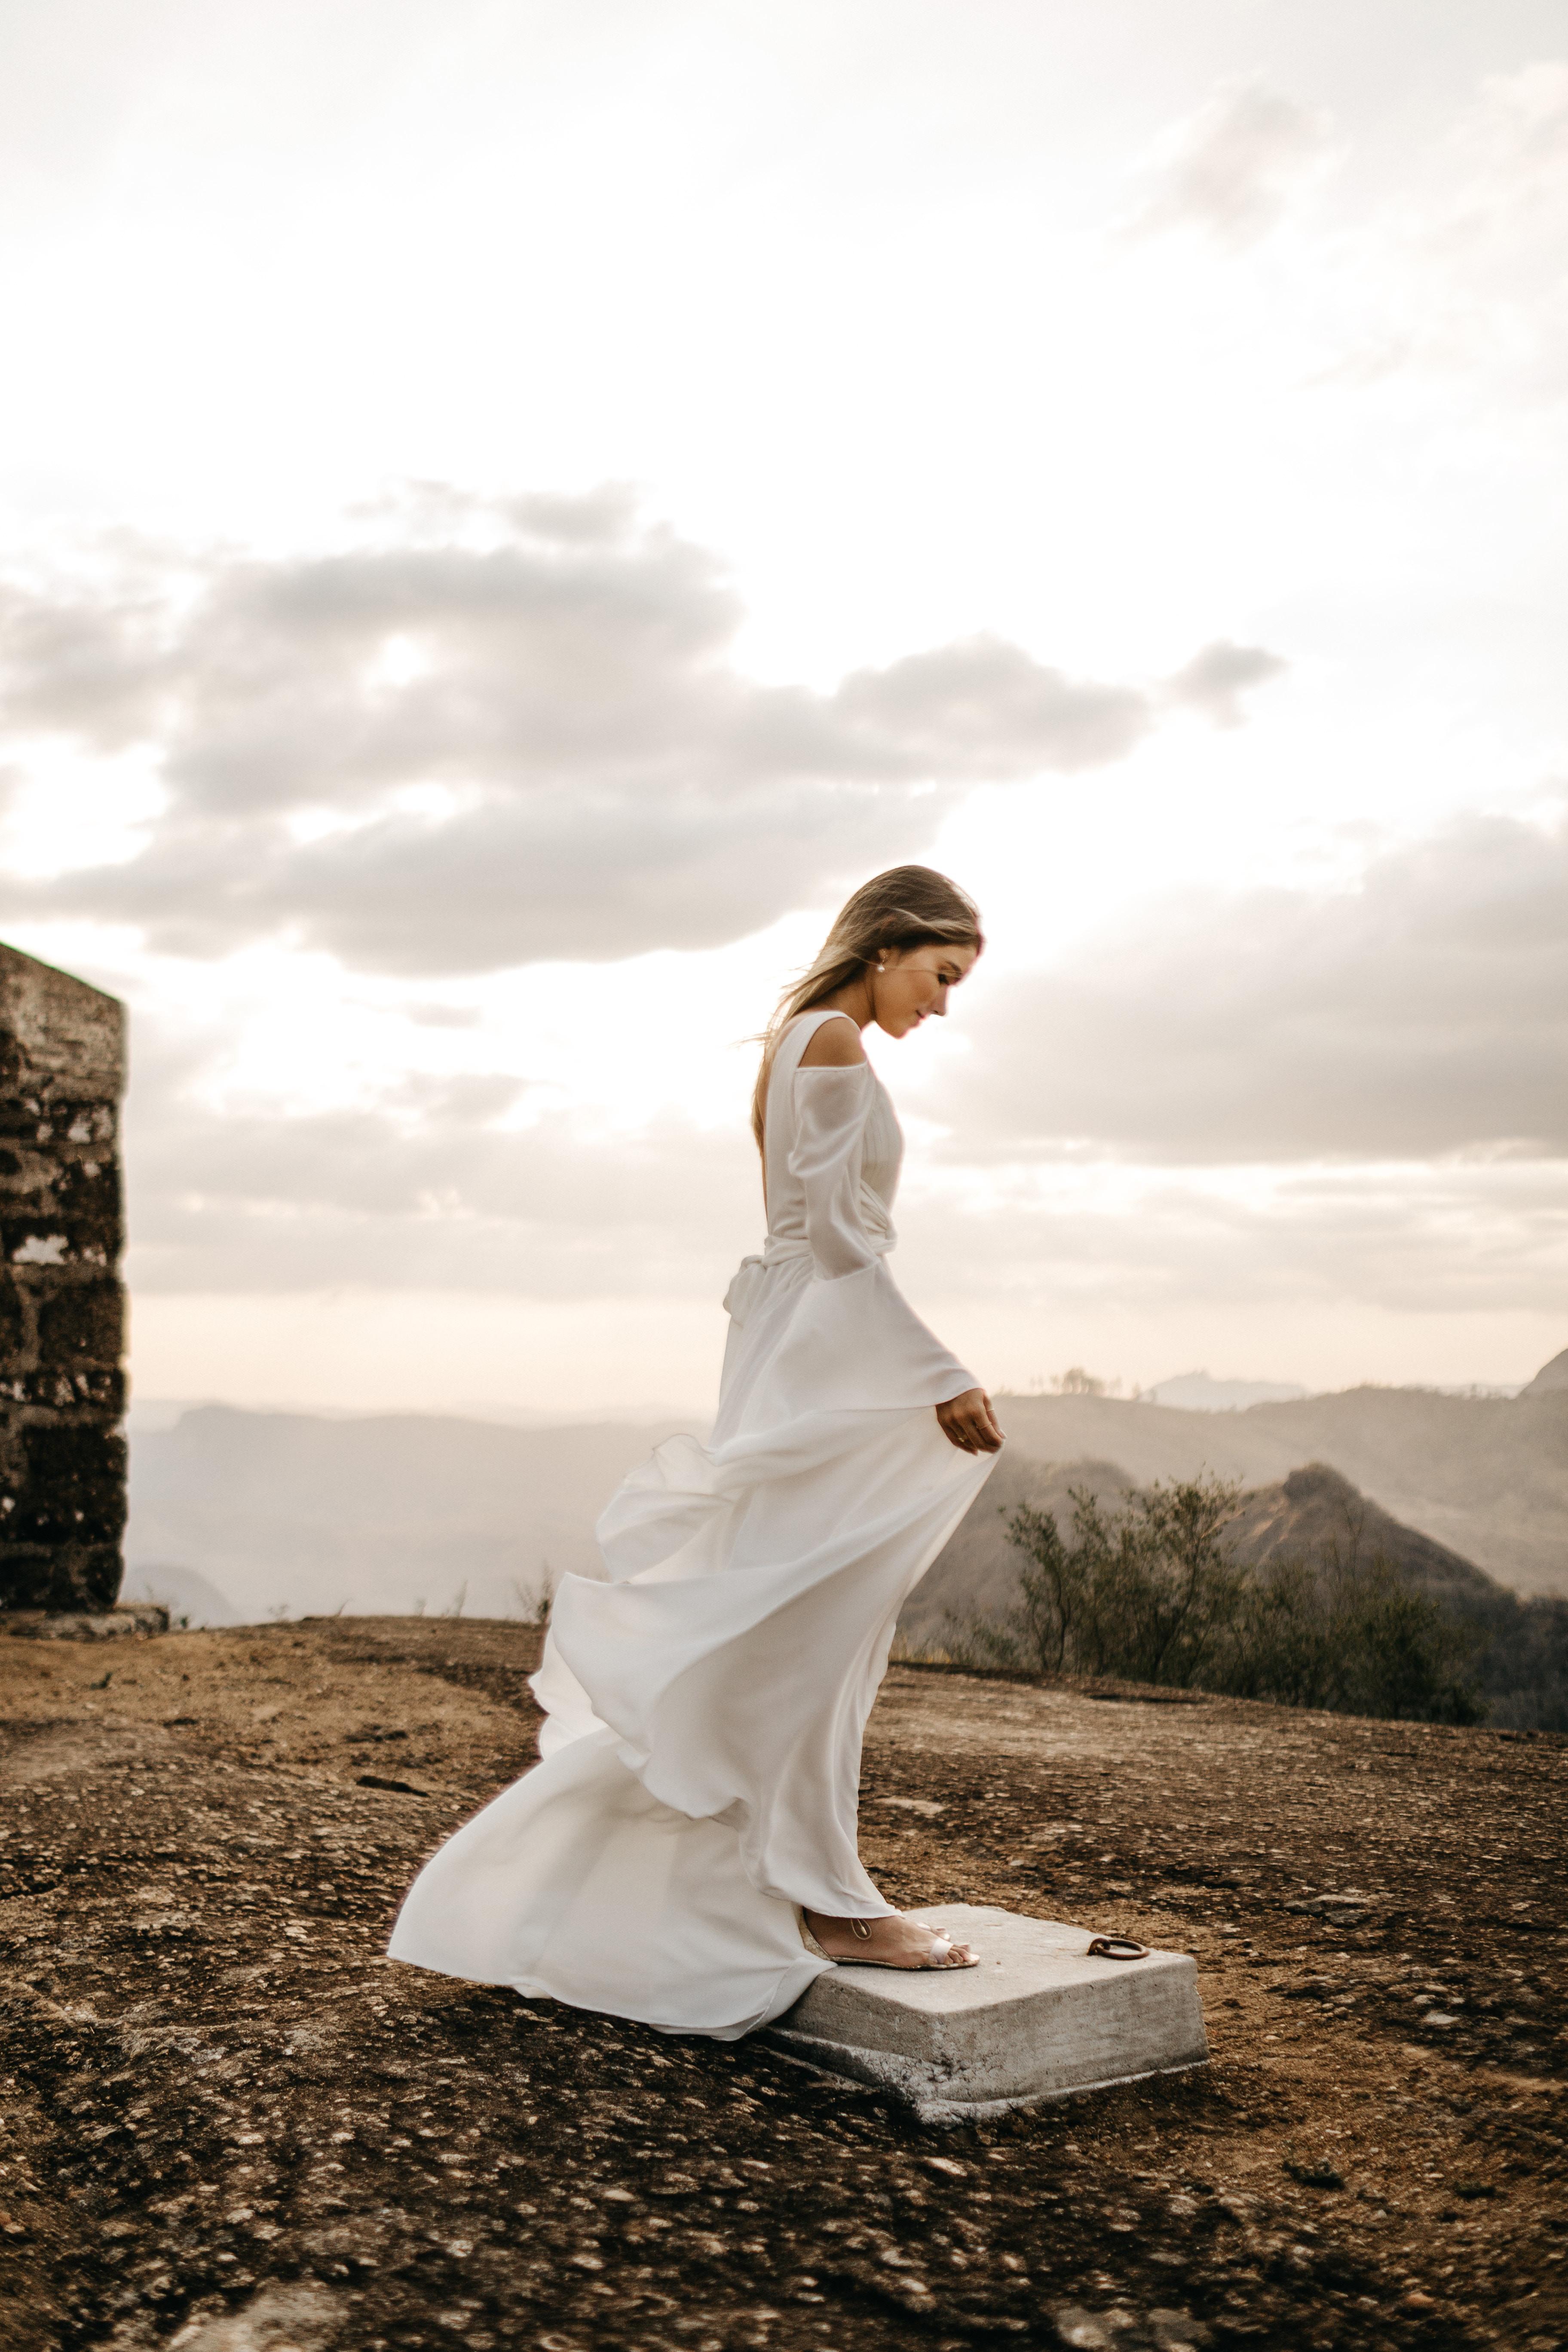 Pre-loved brudekjole prøvetime